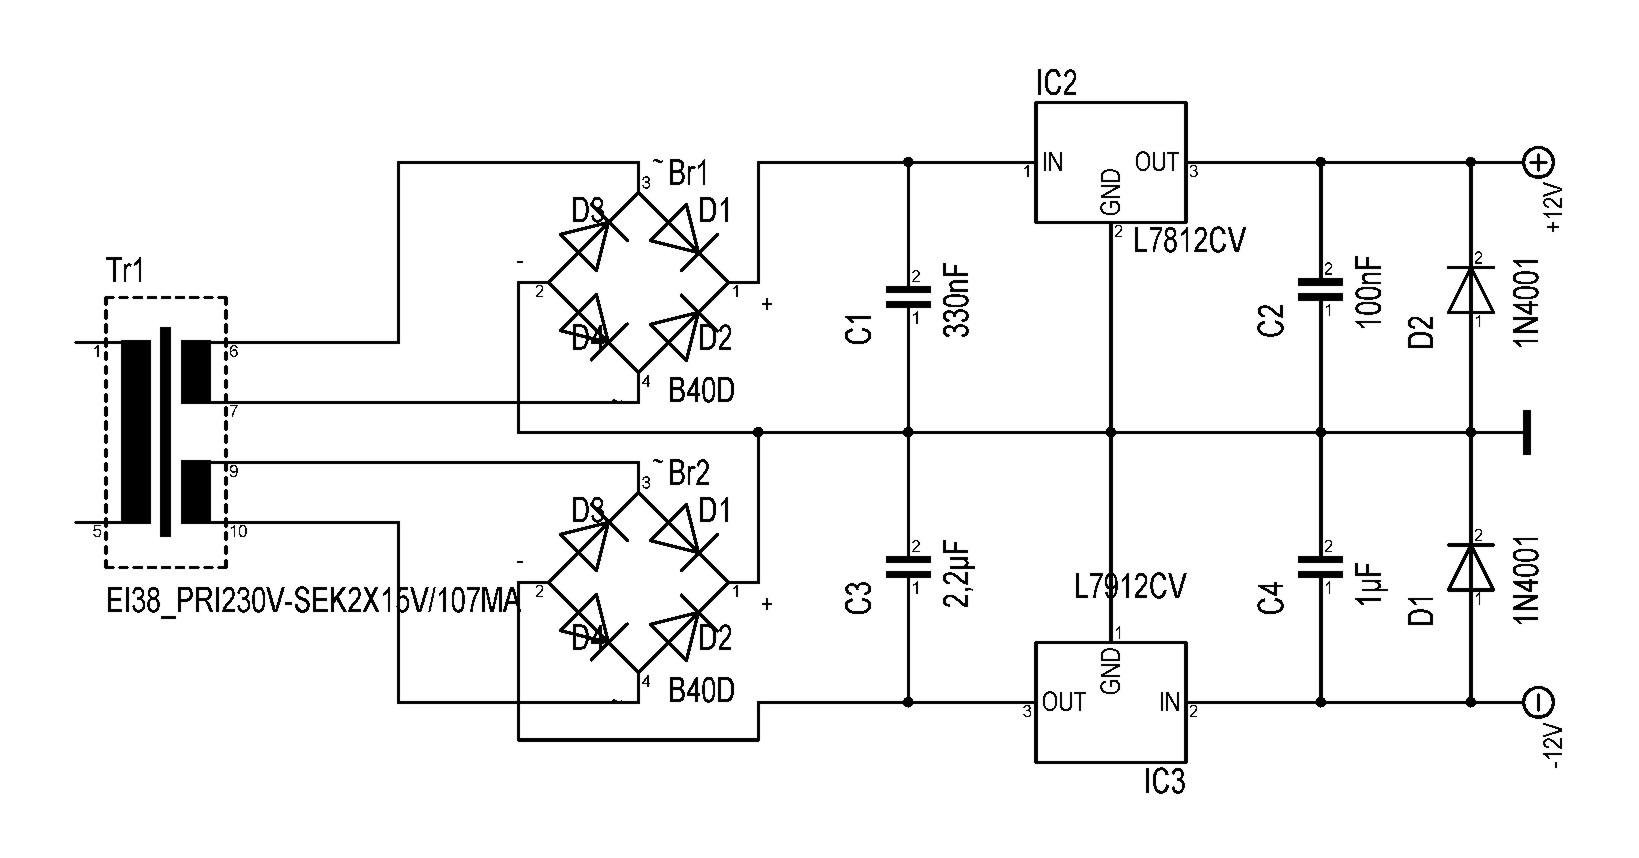 Symmetrisches Netzteildesign +-12V DC | Musiker-Board